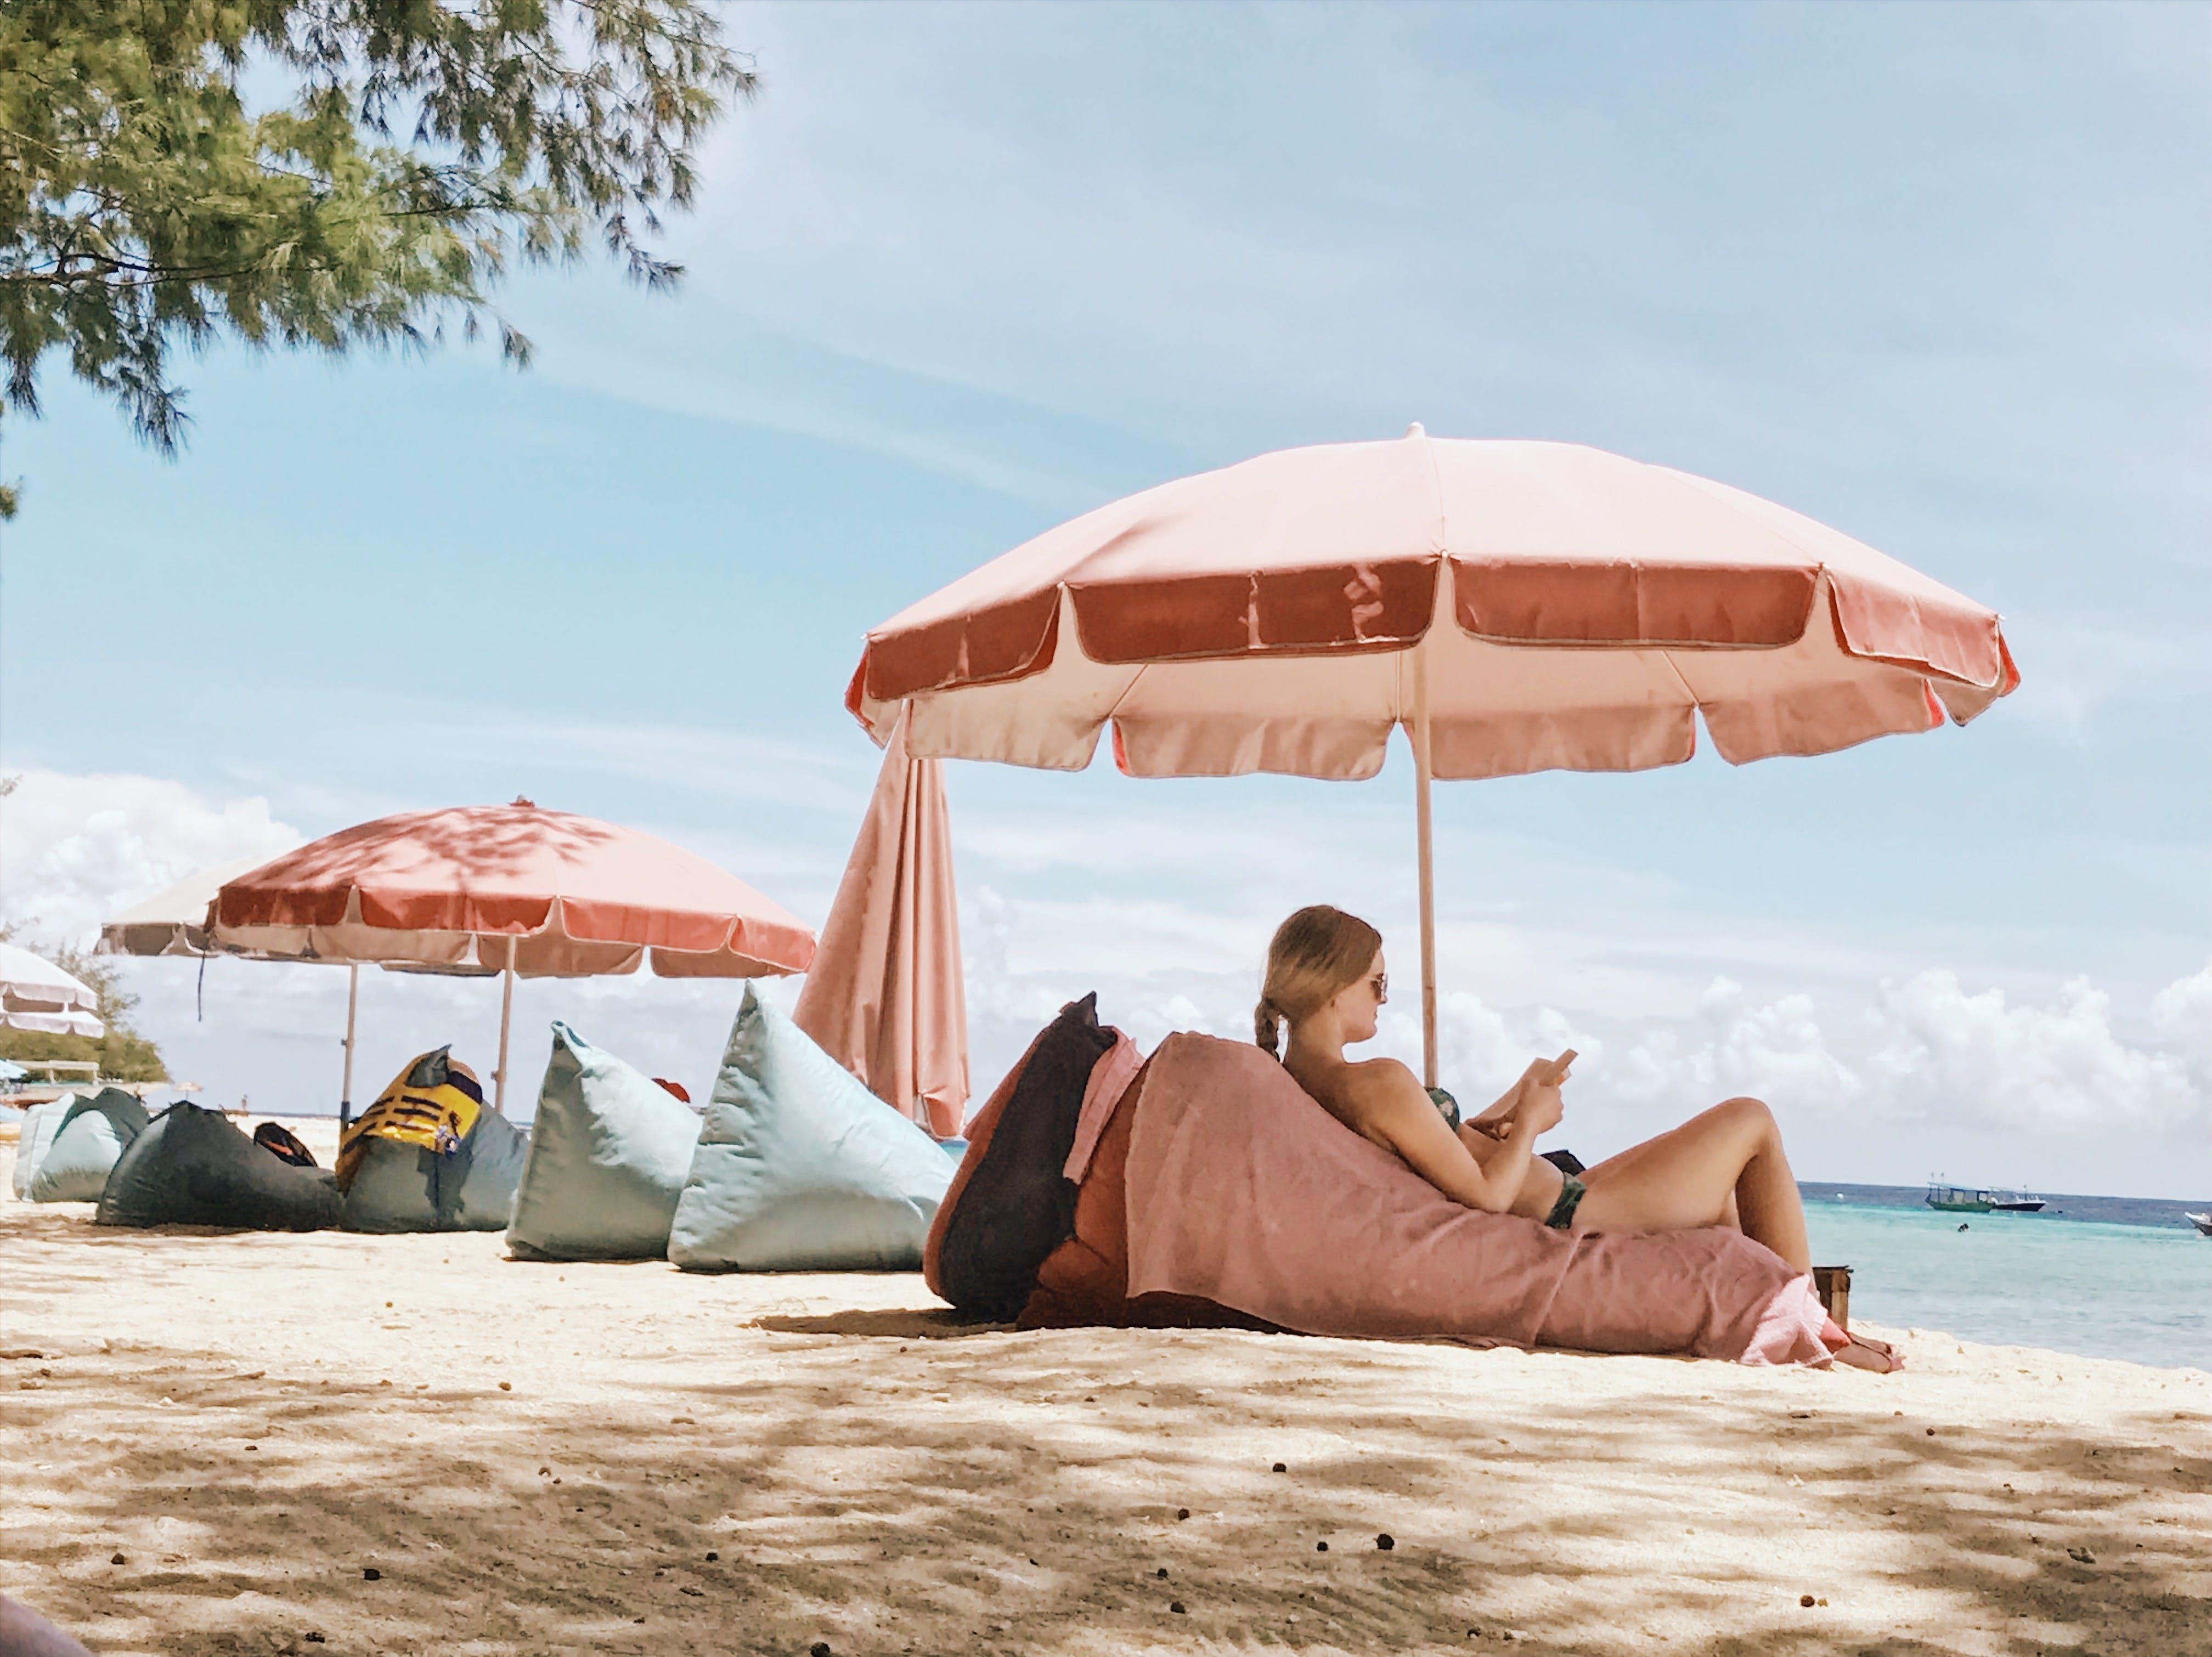 Δωρεάν στοκ φωτογραφιών με ανθρώπινος, αργία, παραλία